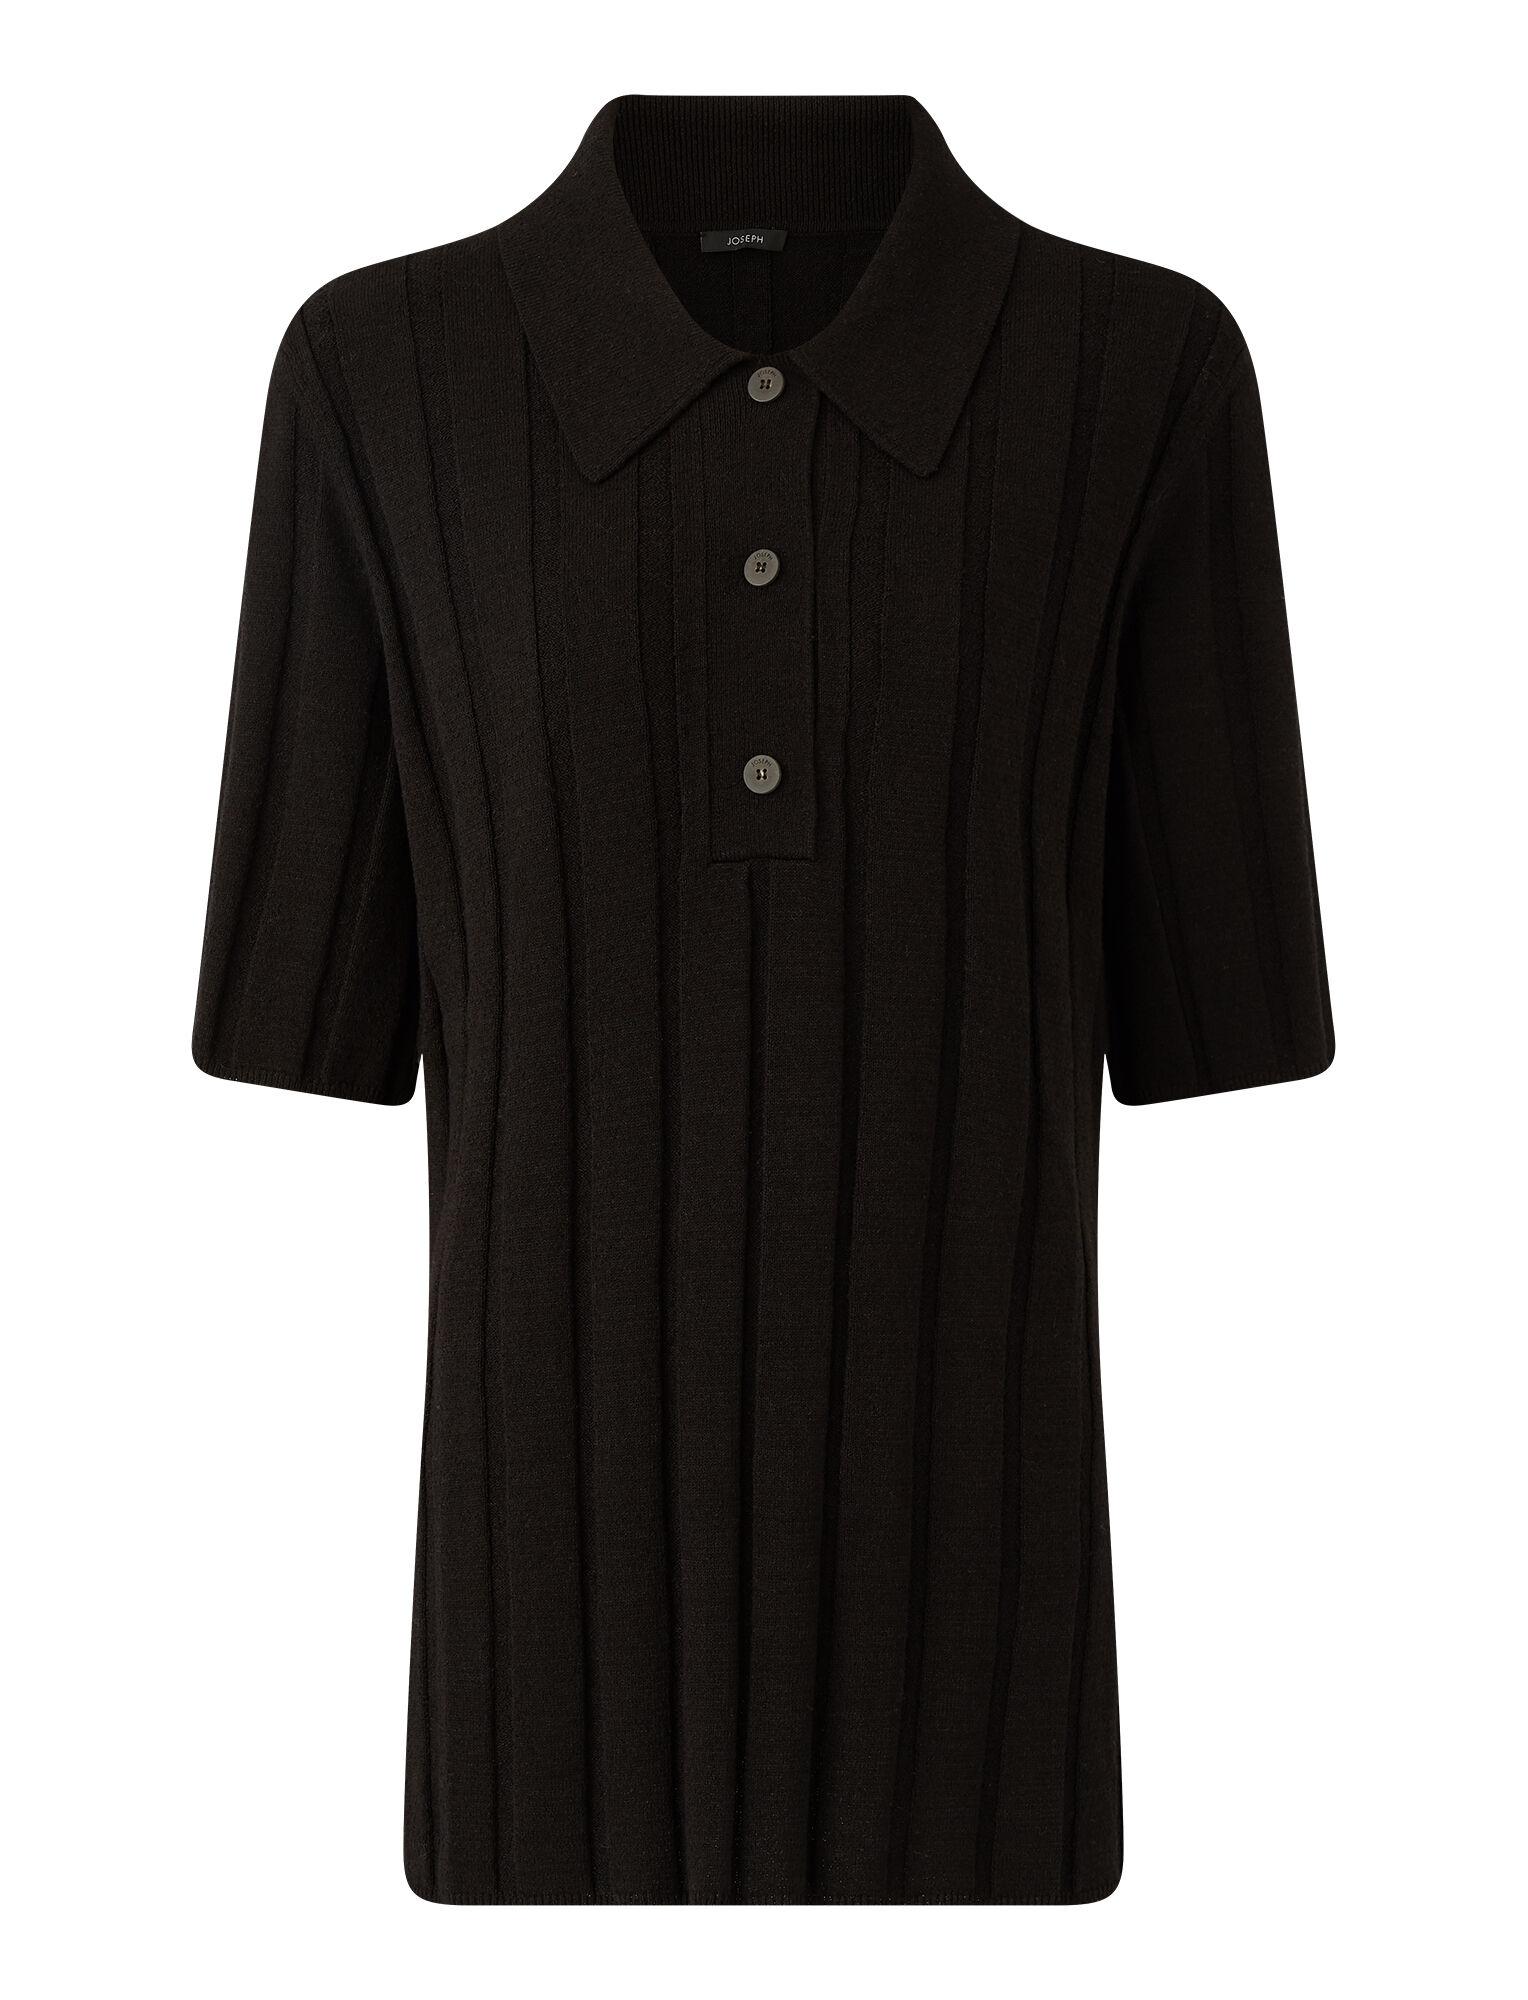 Joseph, Polo côtelé texturé, in BLACK